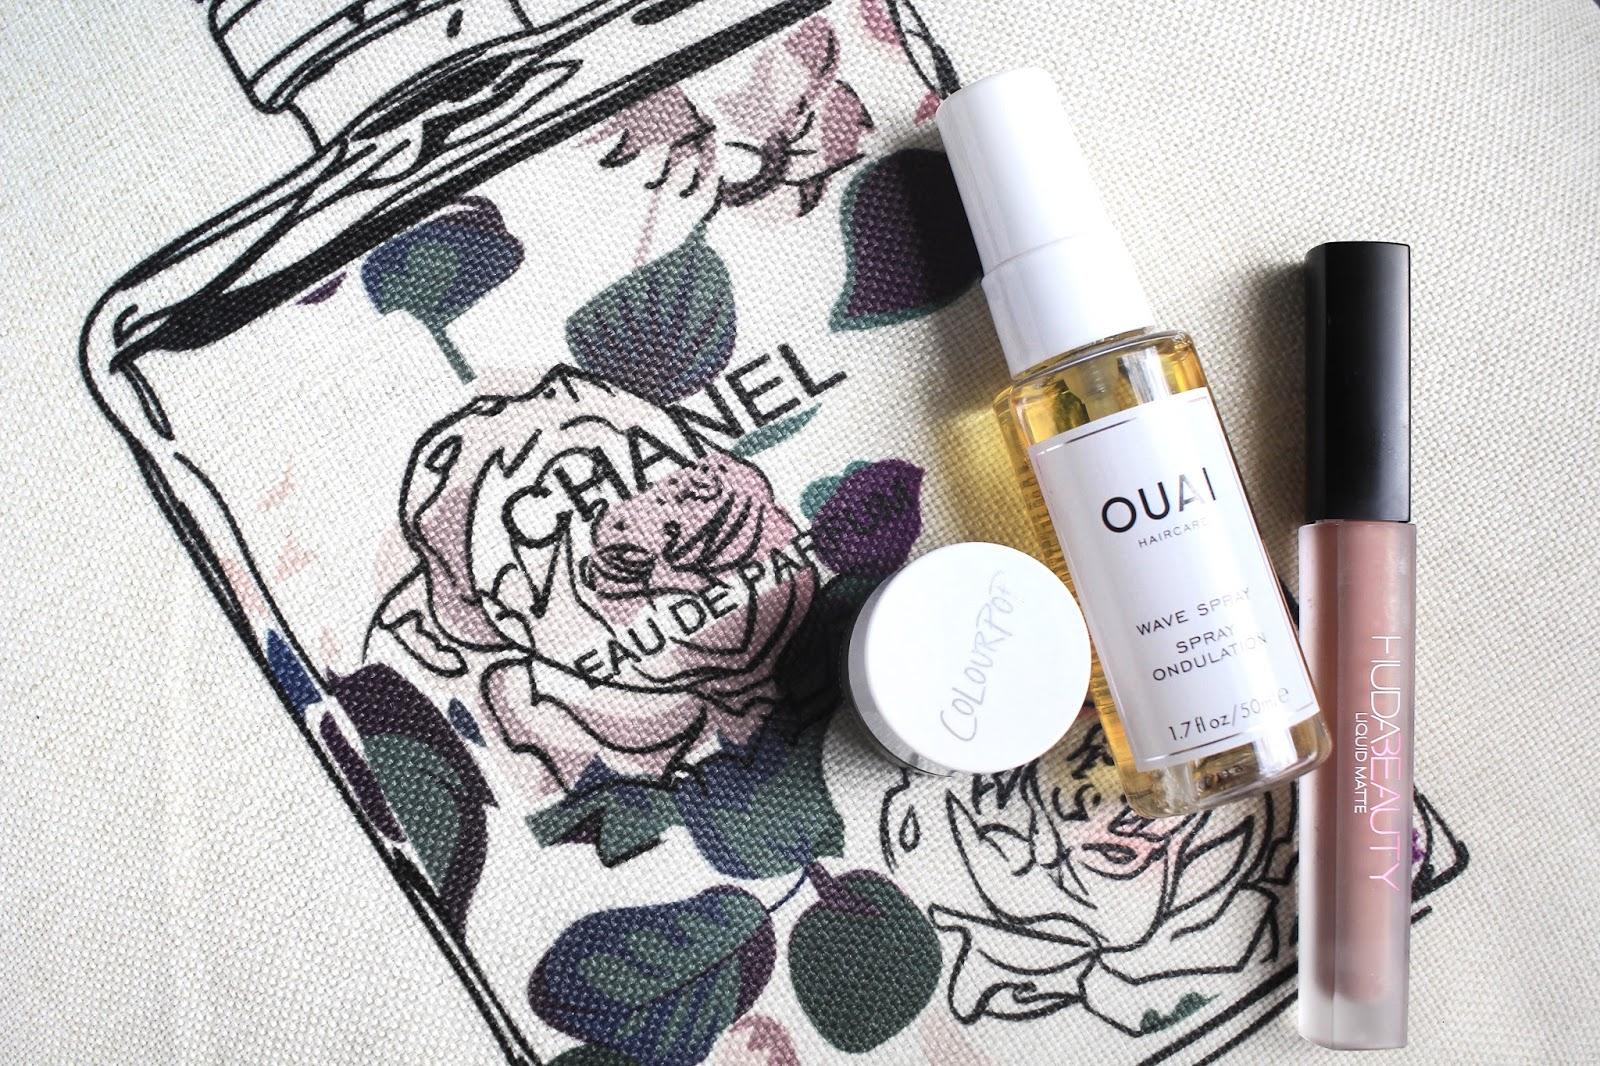 The Beauty Rundown September 2017 - ColourPop, Ouai, Huda Beauty